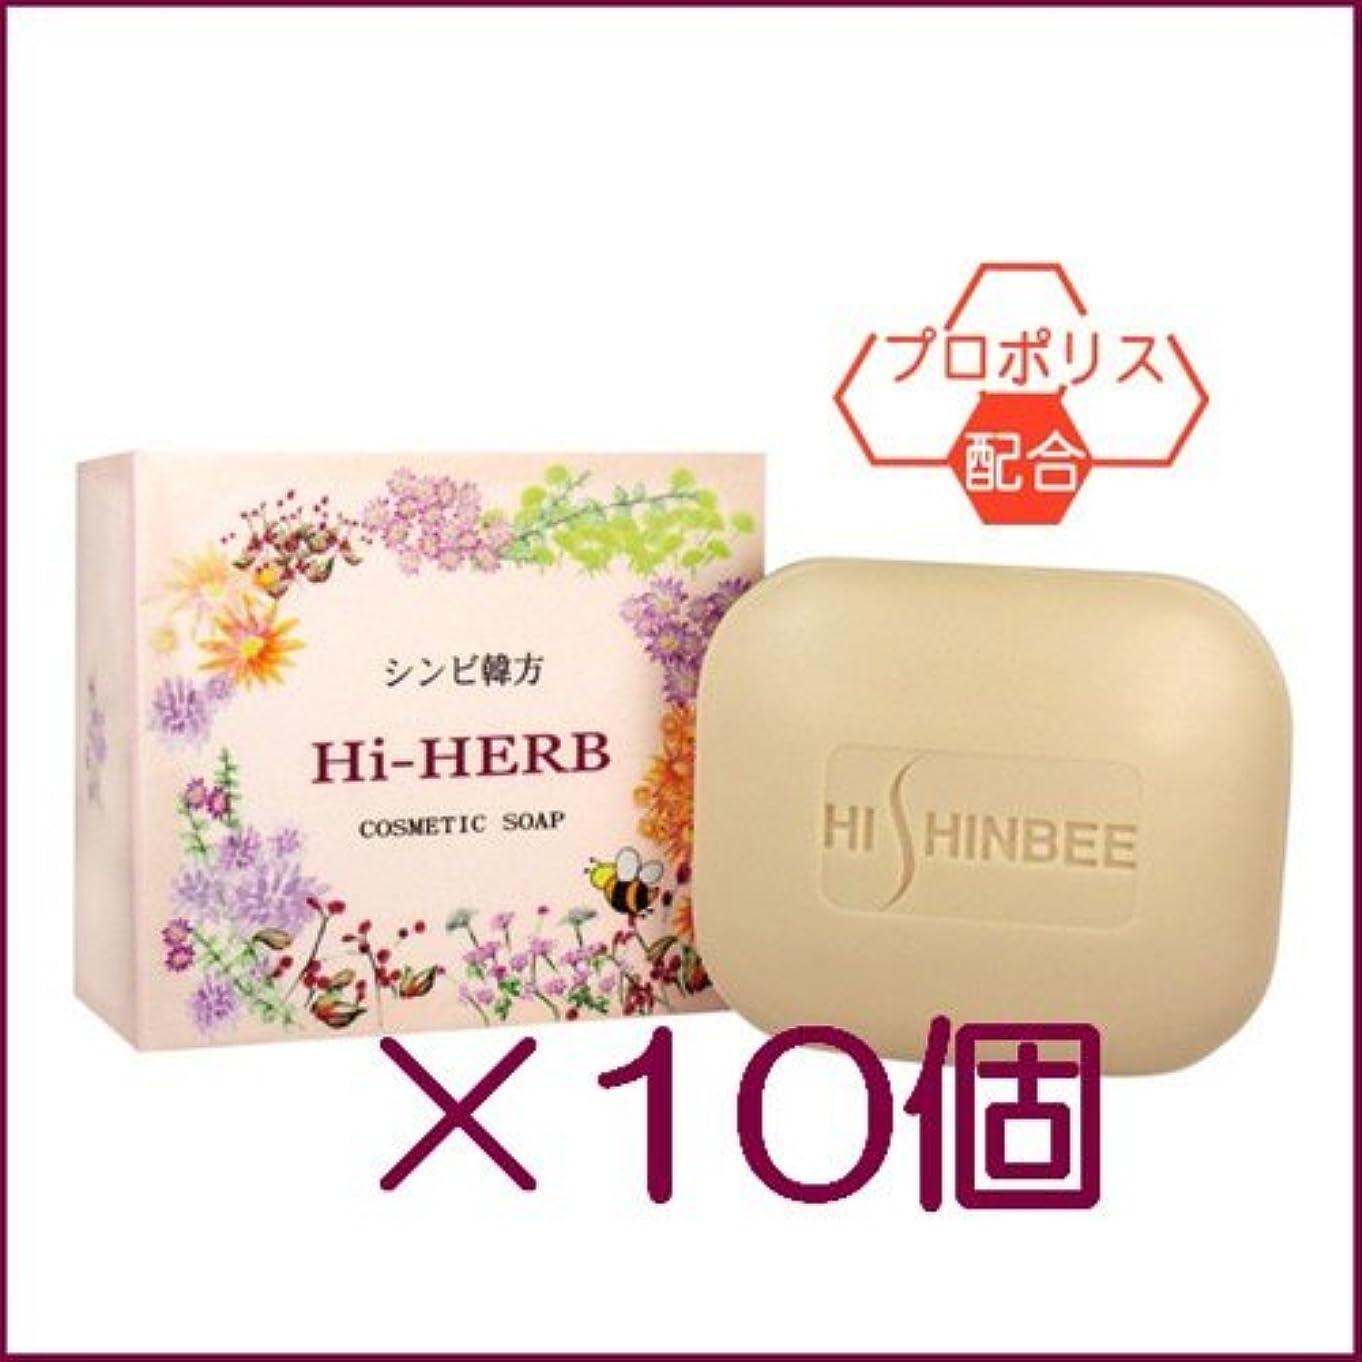 無力レモン恋人シンビ 韓方ハイハーブ石鹸 100g ×10個